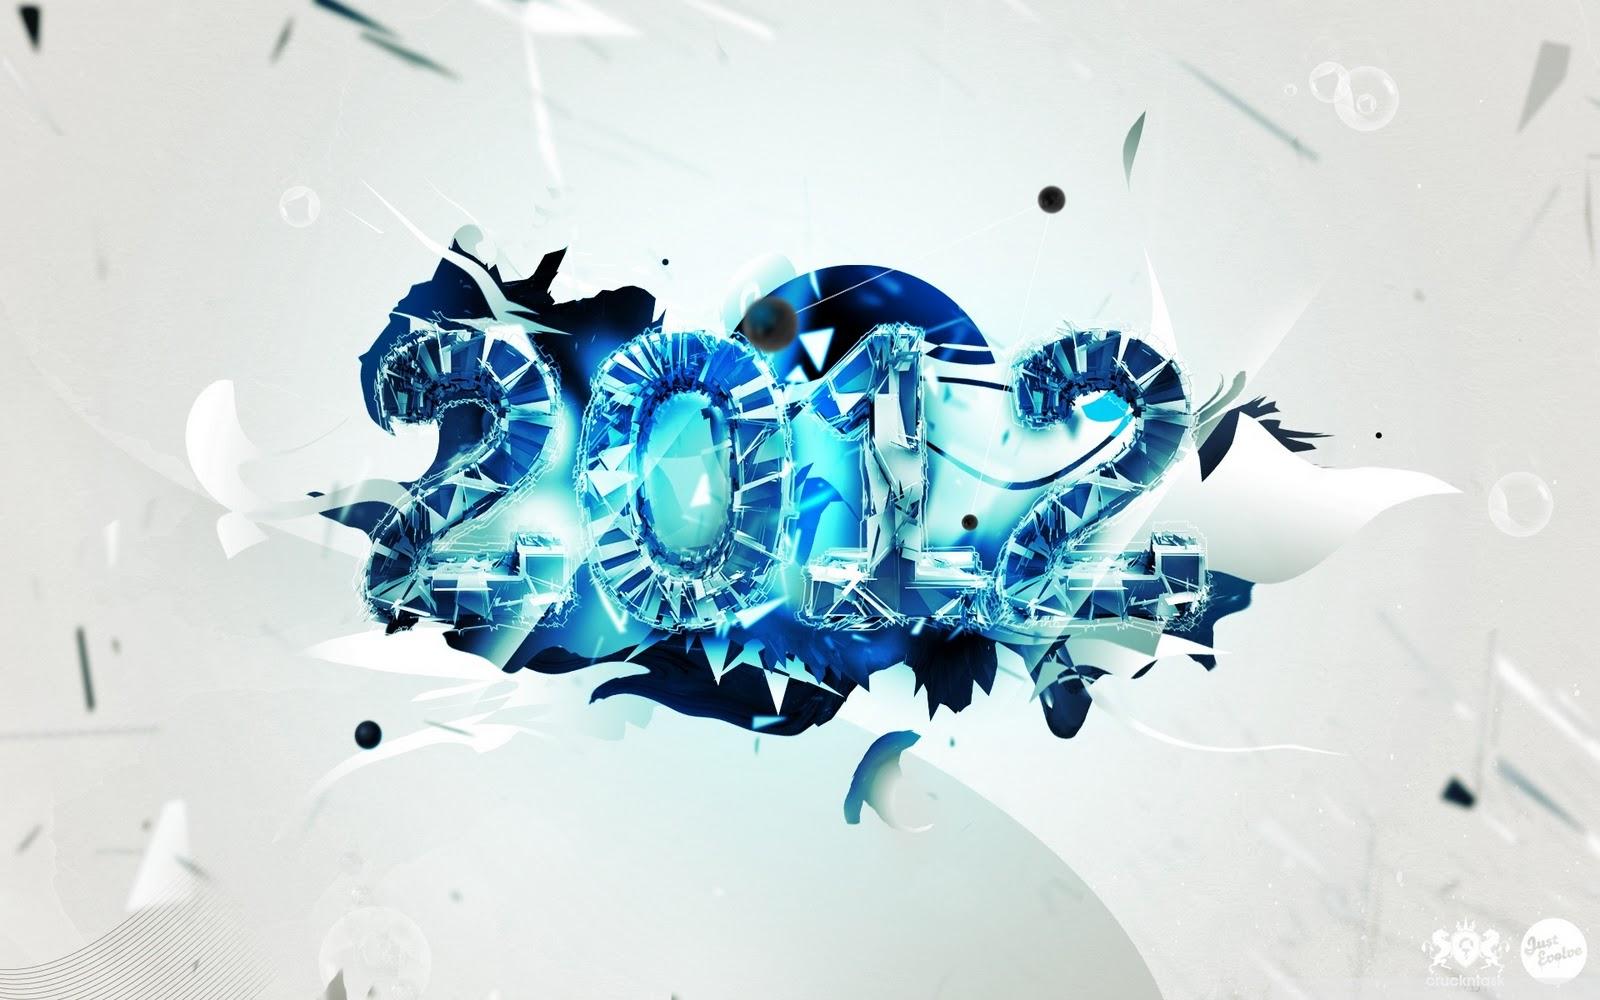 http://1.bp.blogspot.com/-YODGCYbmgLk/Tvo1CGTB4FI/AAAAAAAAAKc/wEEUg8Tcqws/s1600/2012-wallpaper-1920x1200.jpg